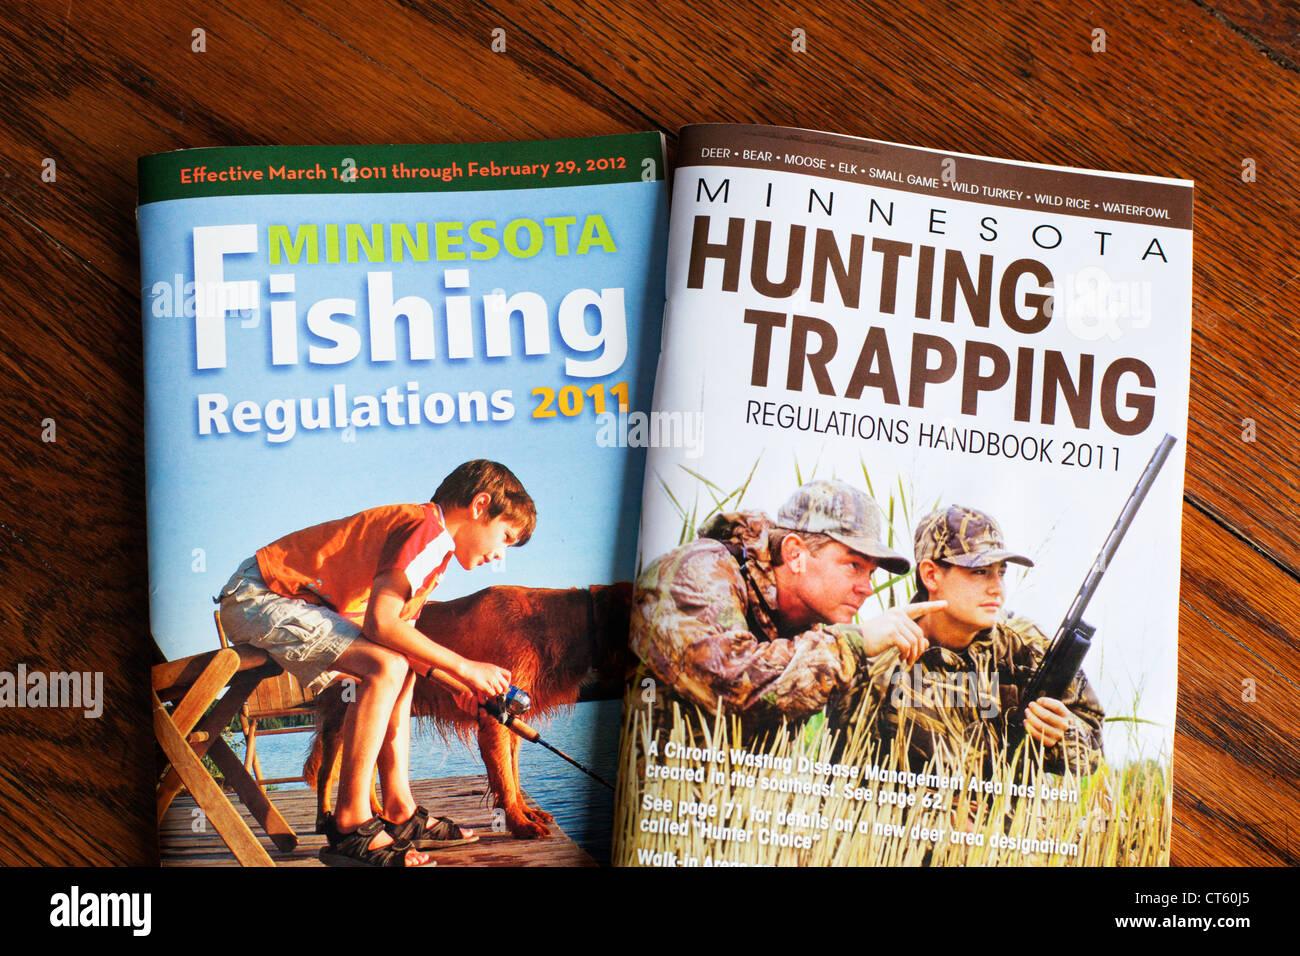 Departamento de Recursos Naturales de Minnesota, la pesca, la caza y captura de animales Reglamento manuales. Imagen De Stock